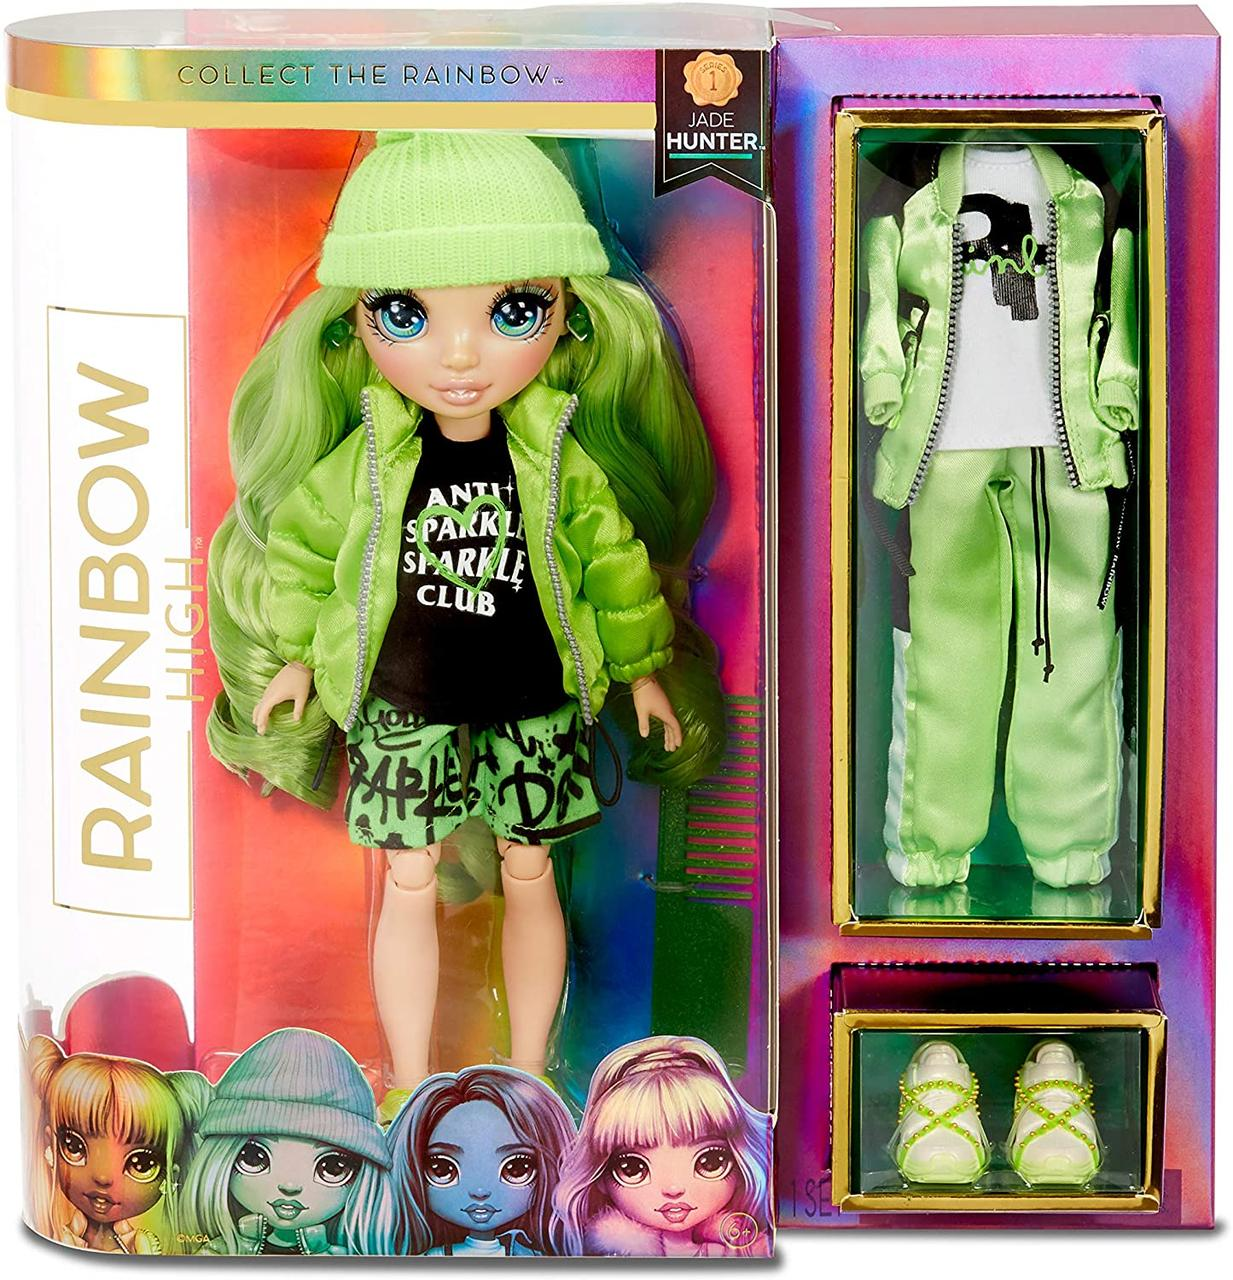 Лялька Rainbow High Jade Hunter Green Оригінал Мосту Хай Джейд Хантер Зелена 569664